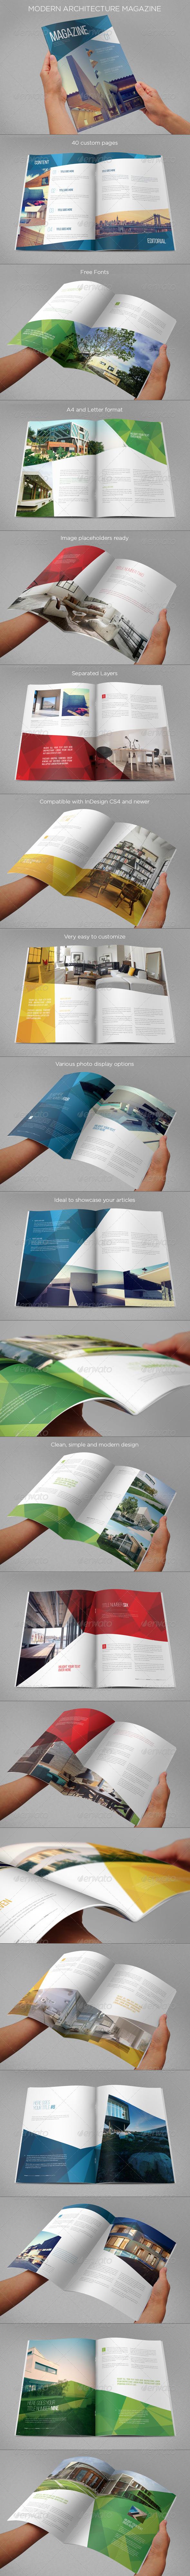 GraphicRiver Modern Architecture Magazine 7717553